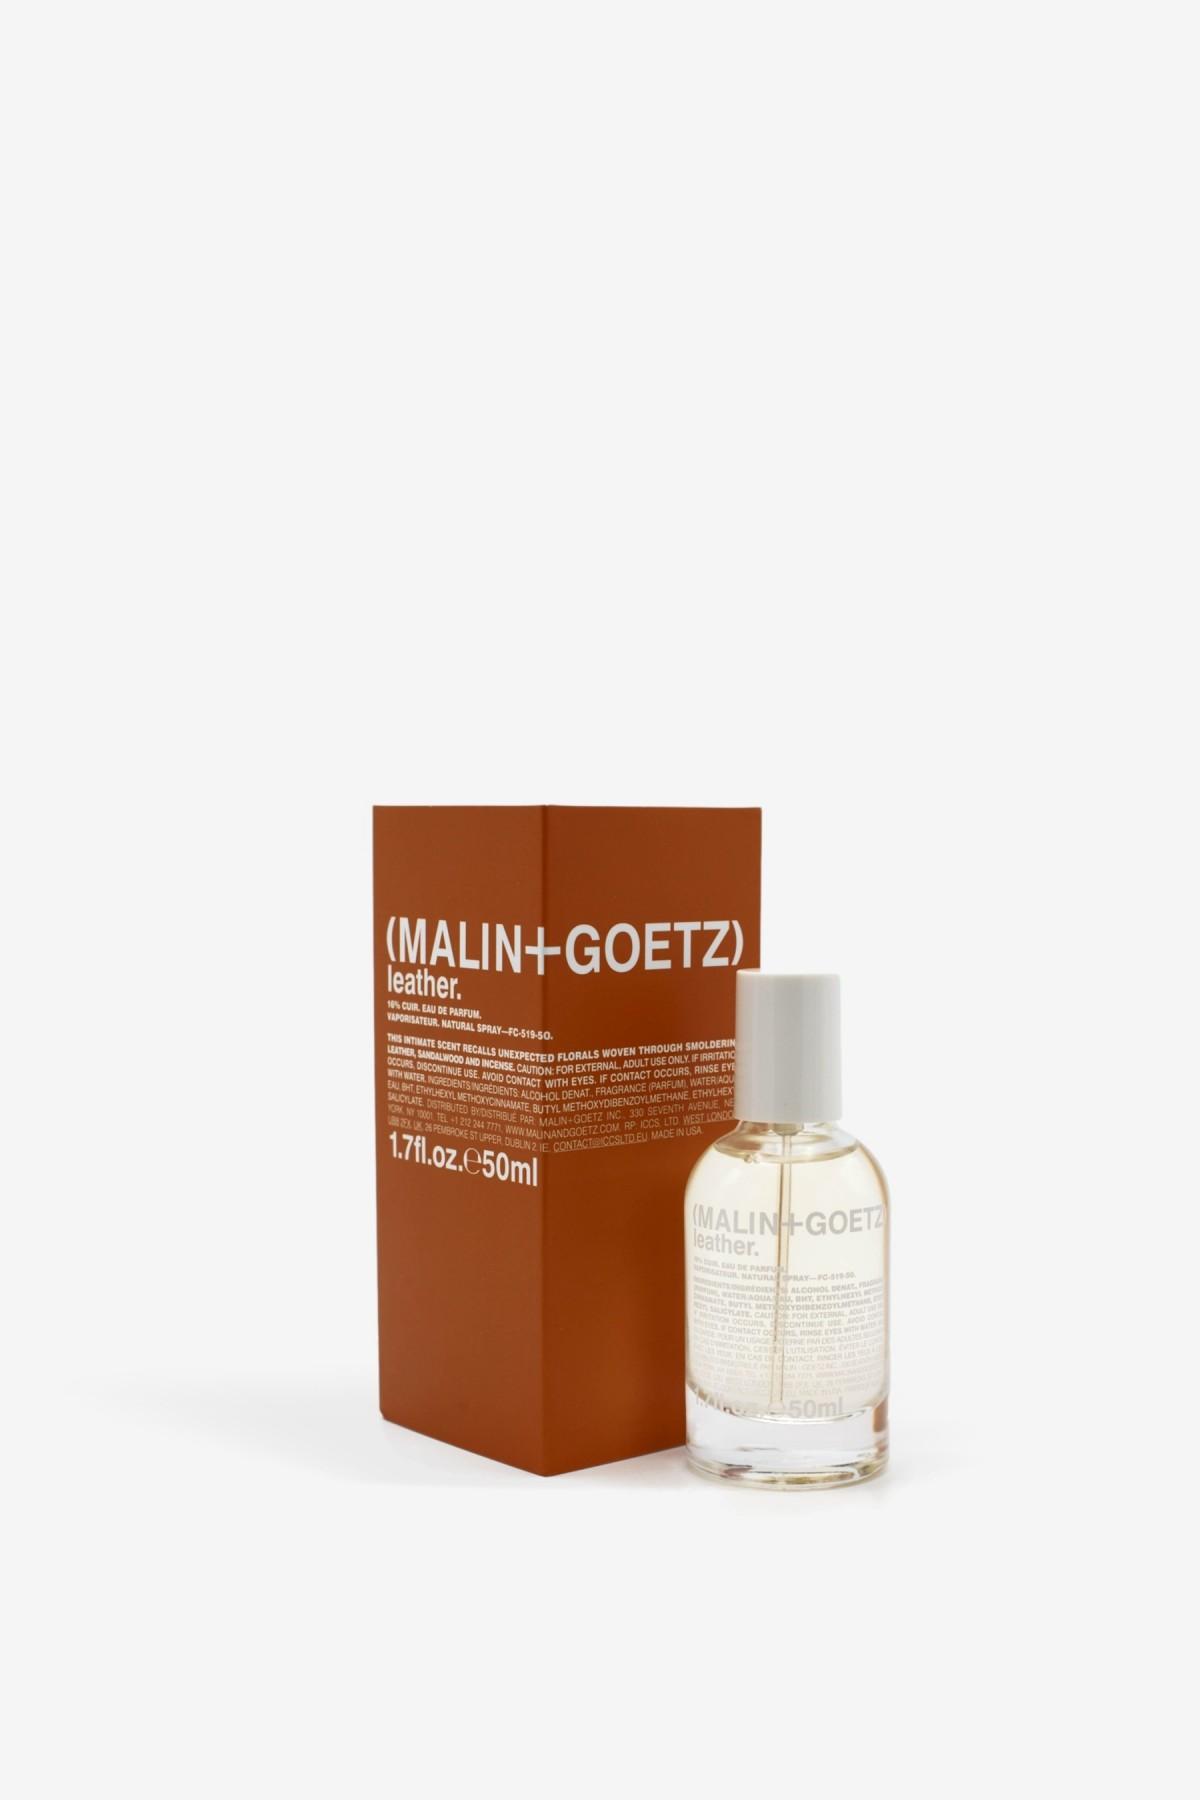 Malin+Goetz Leather Eau de Parfum 50ml in